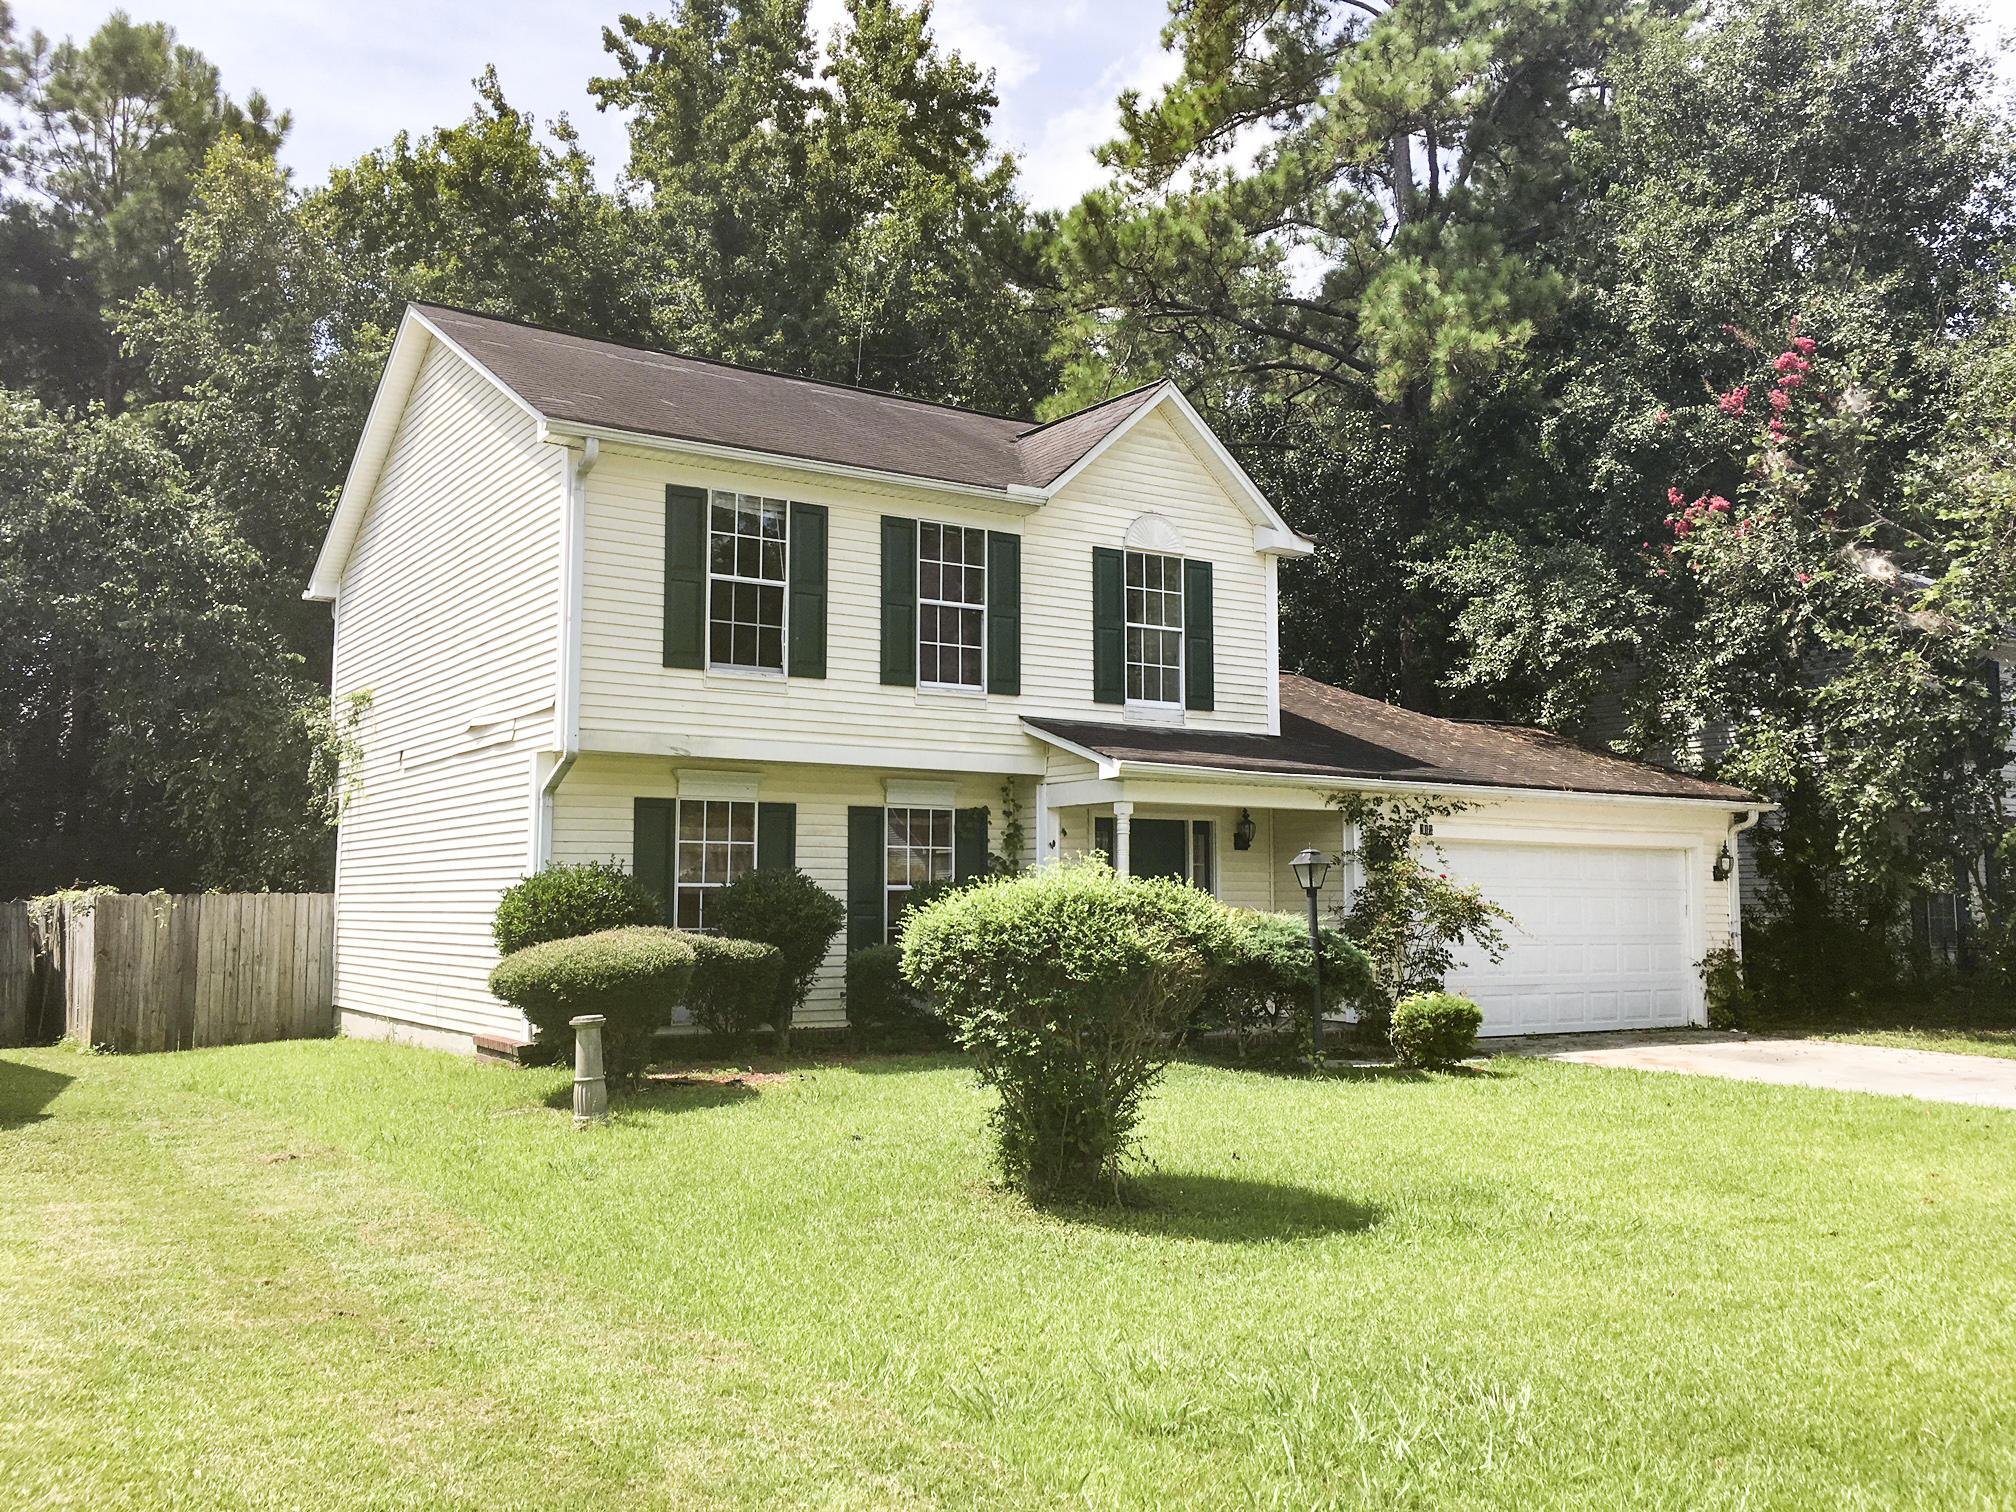 Kensington Park Homes For Sale - 315 Damascus, Summerville, SC - 9